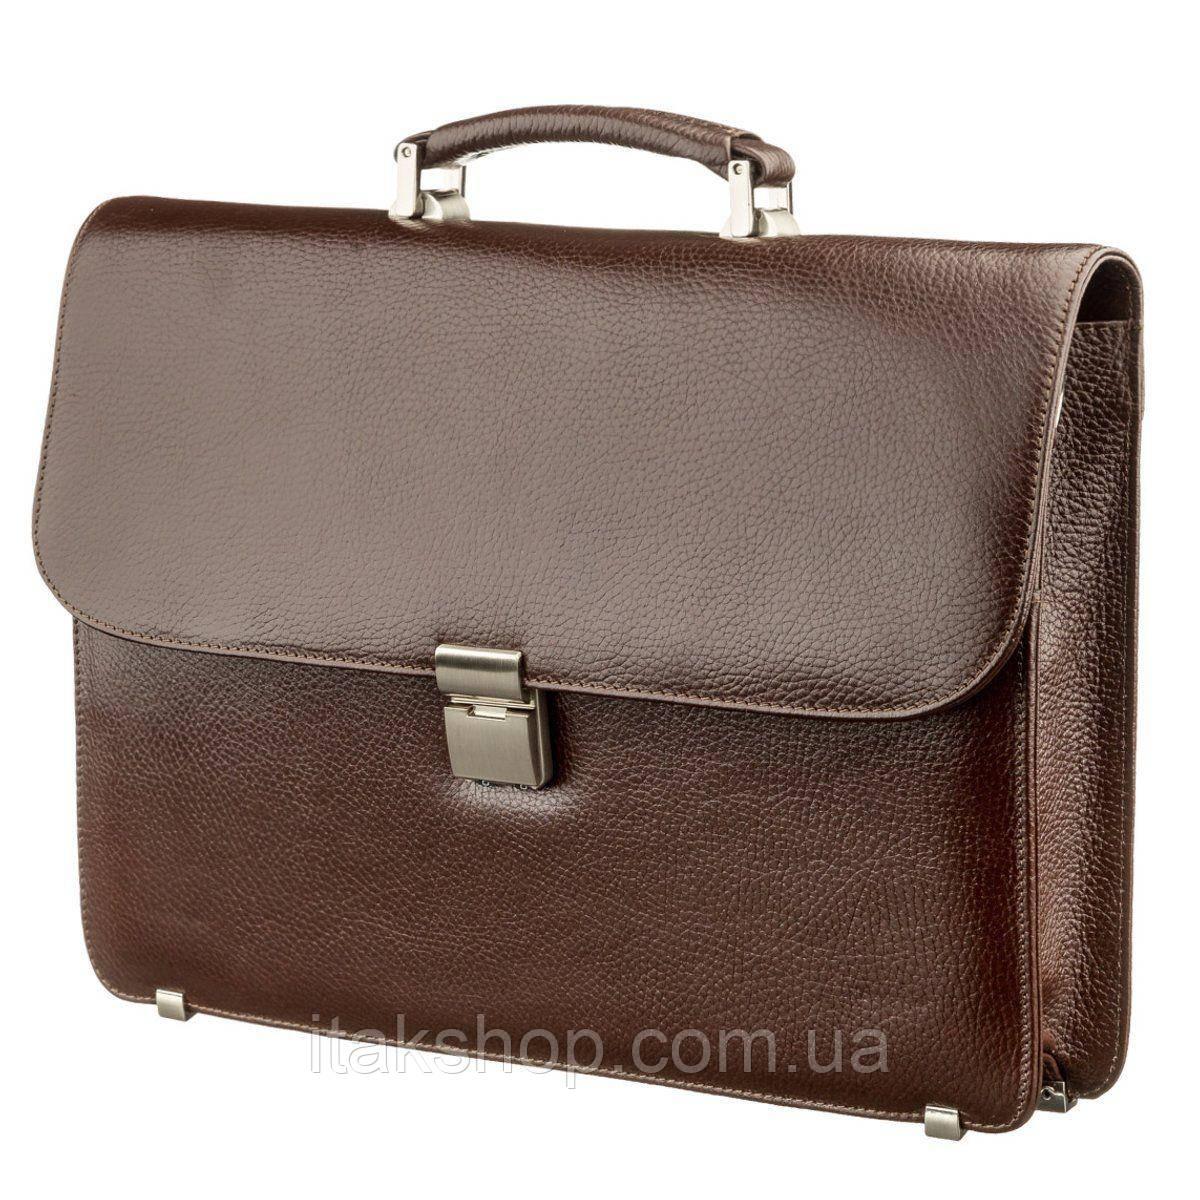 Портфель мужской KARYA 17272 кожаный Коричневый, Коричневый